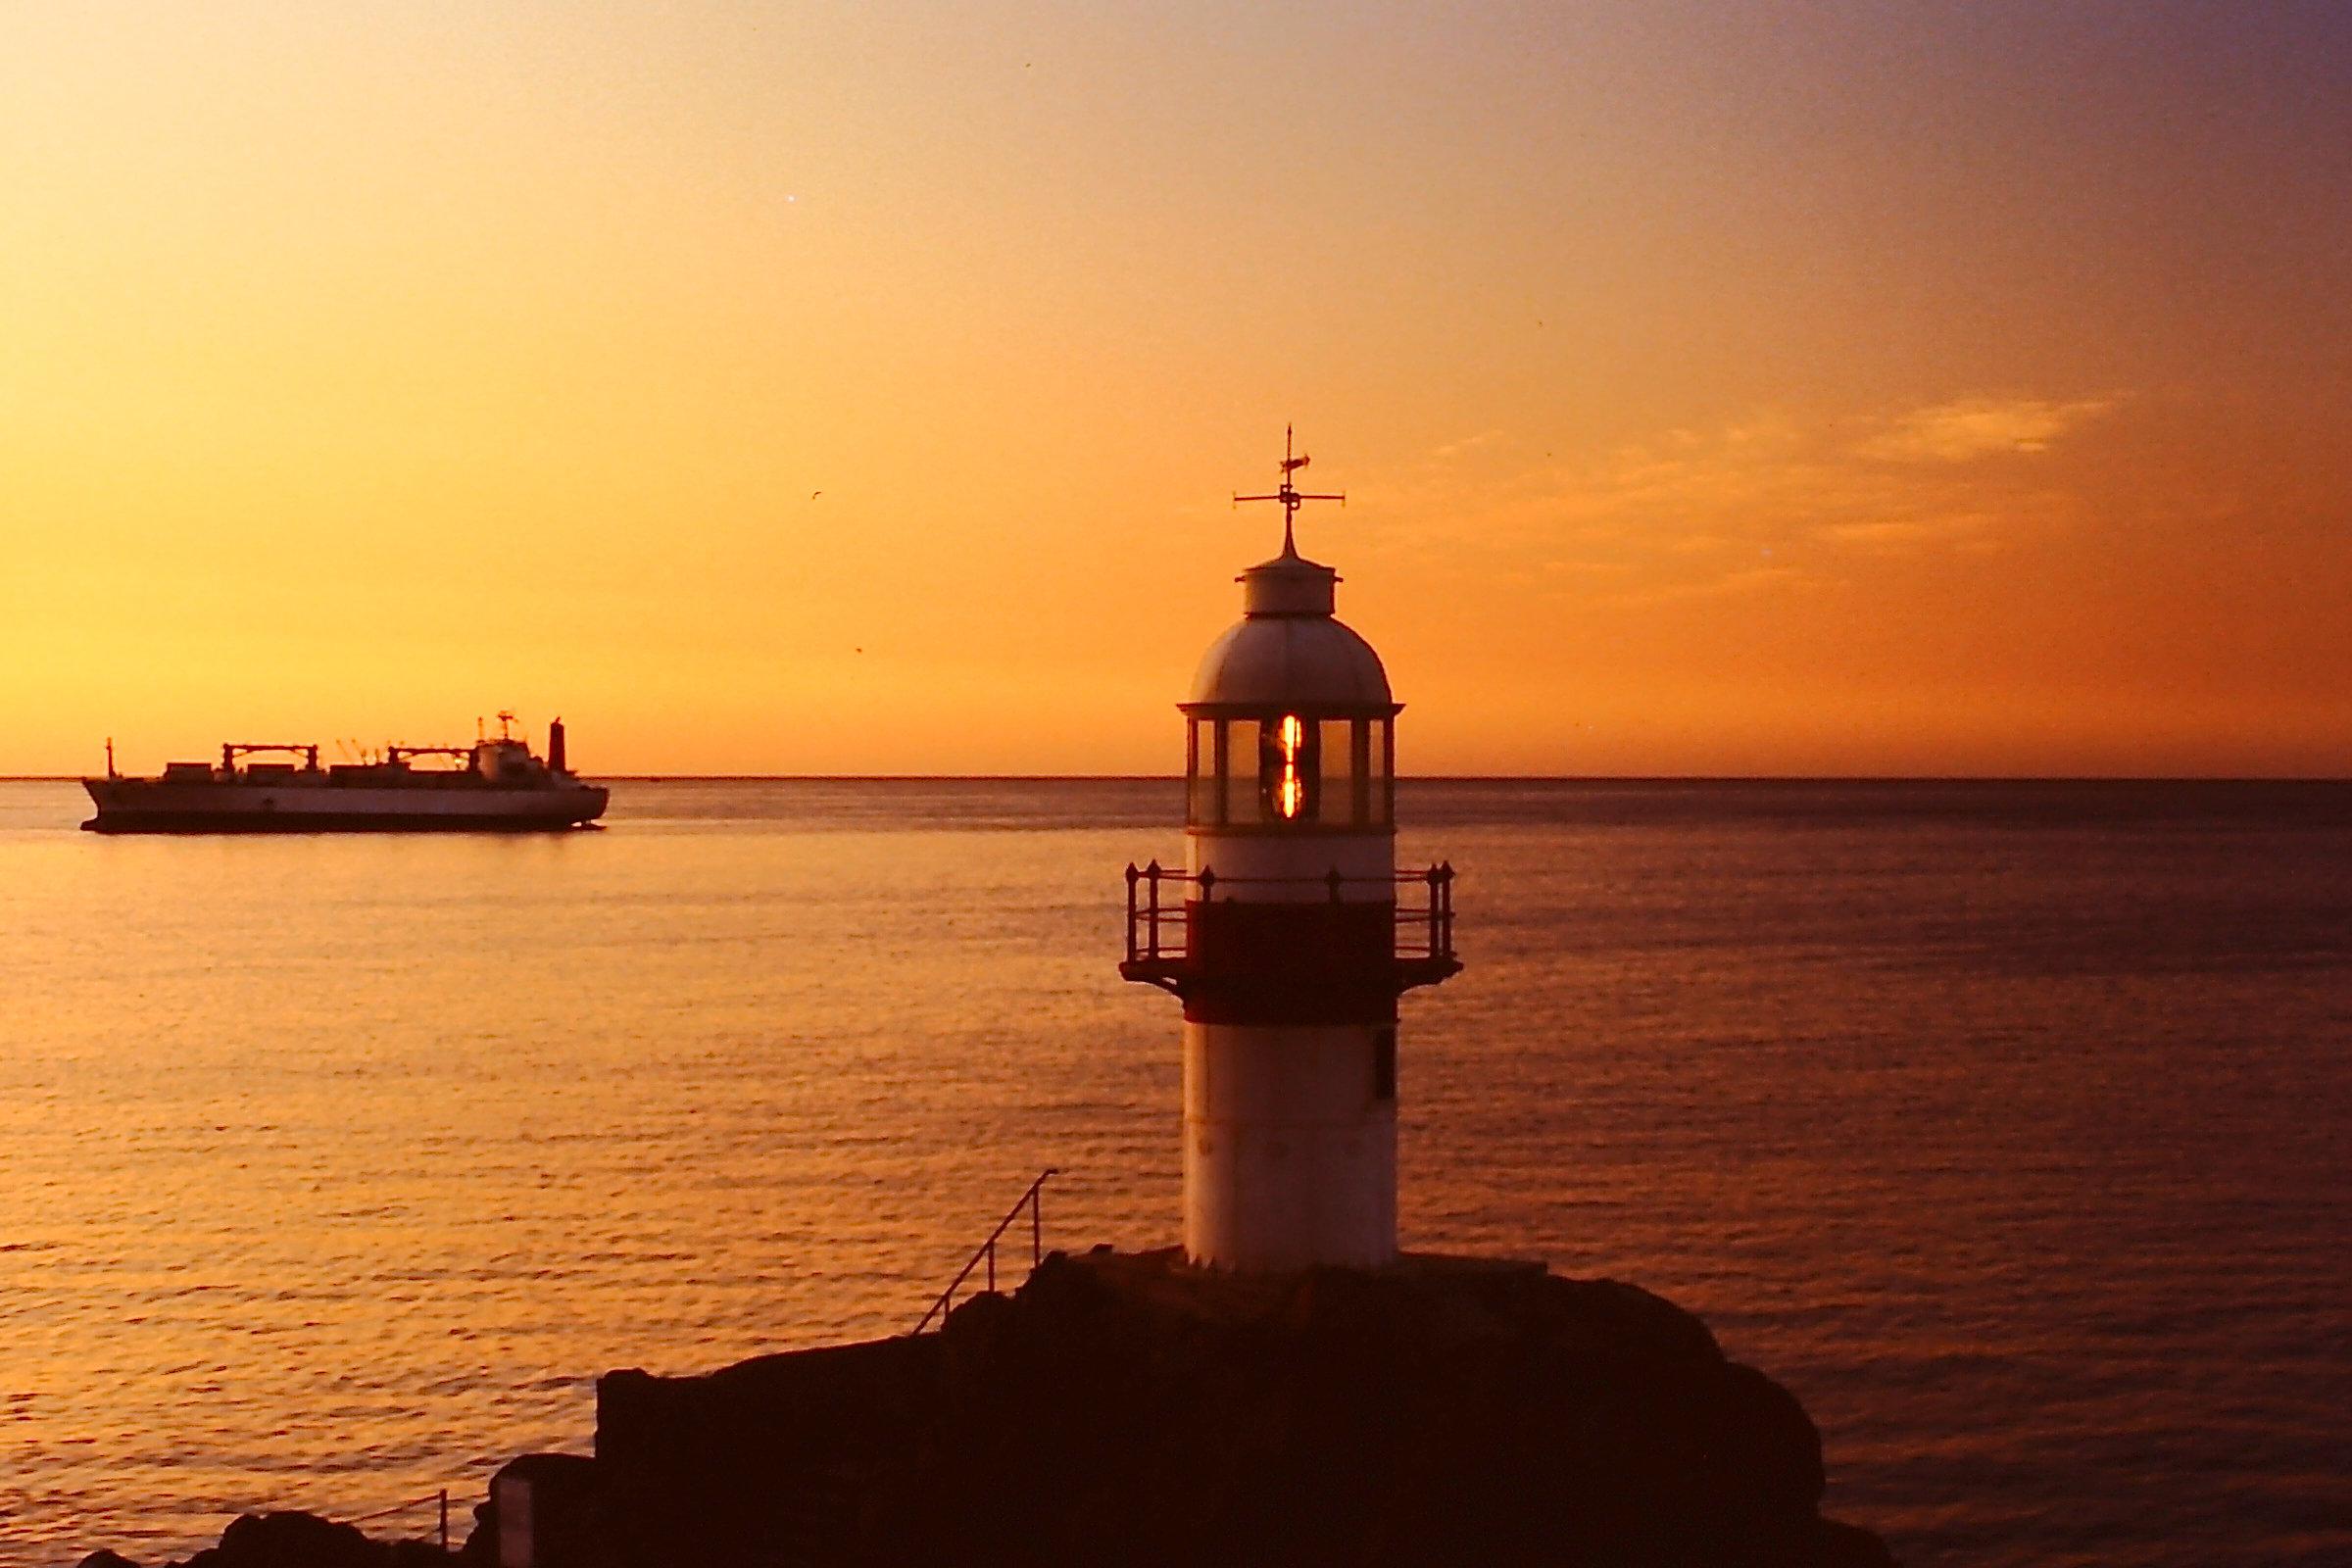 <b>Valparaiso (analogue scan)</b> | Kamera: Filmscan 35mm |  |  | Verschlusszeit: 1/11s |